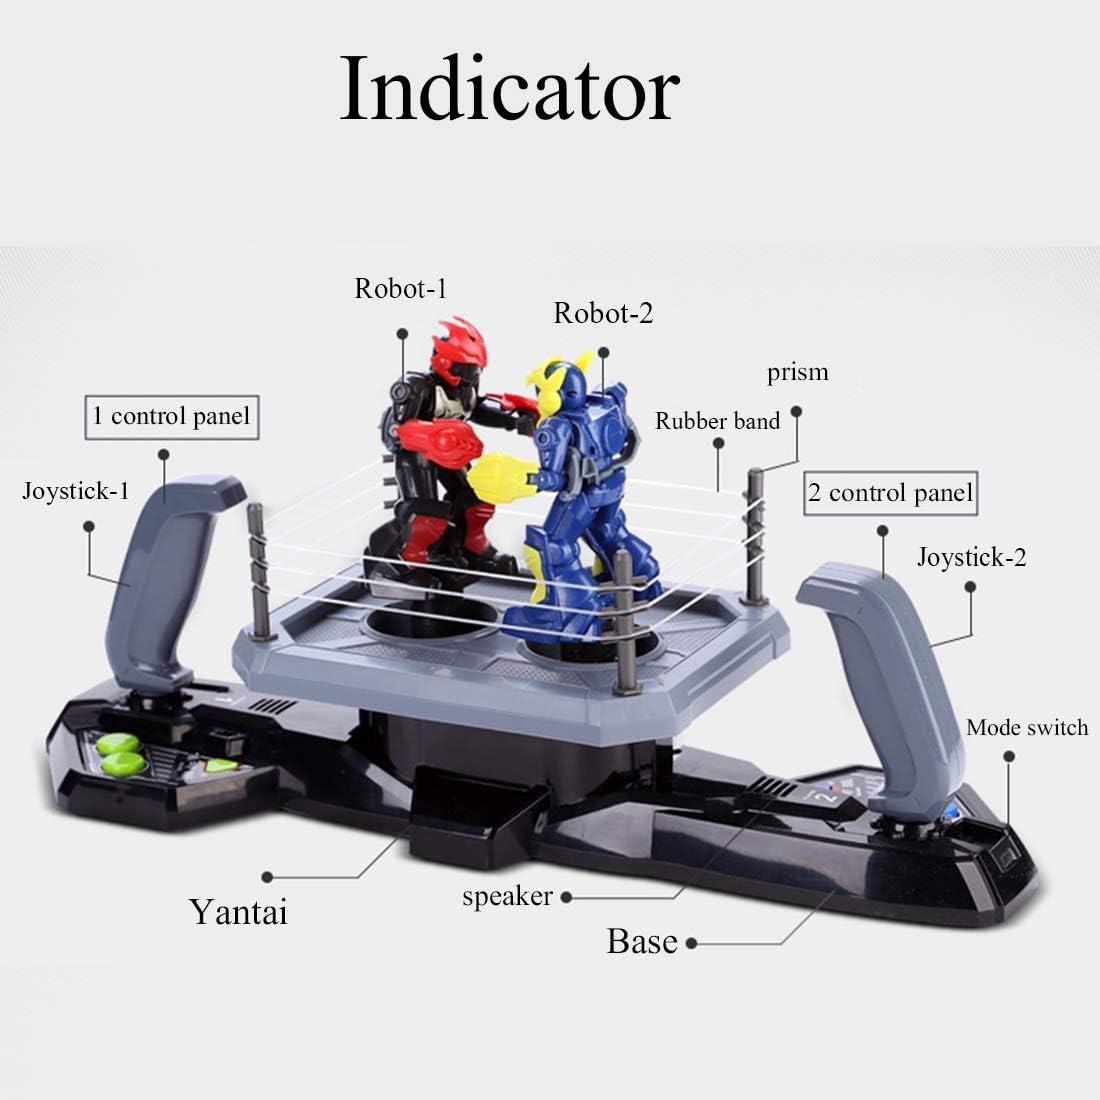 YIMUOUBA Robot Toys, Robo Kombat, Robot de Boxeo con Control Remoto Robot de Combate, Paquete Doble, Batalla Multijugador Adecuado para Niños y Niñas, Regalos de Cumpleaños para Niños: Amazon.es: Deportes y aire